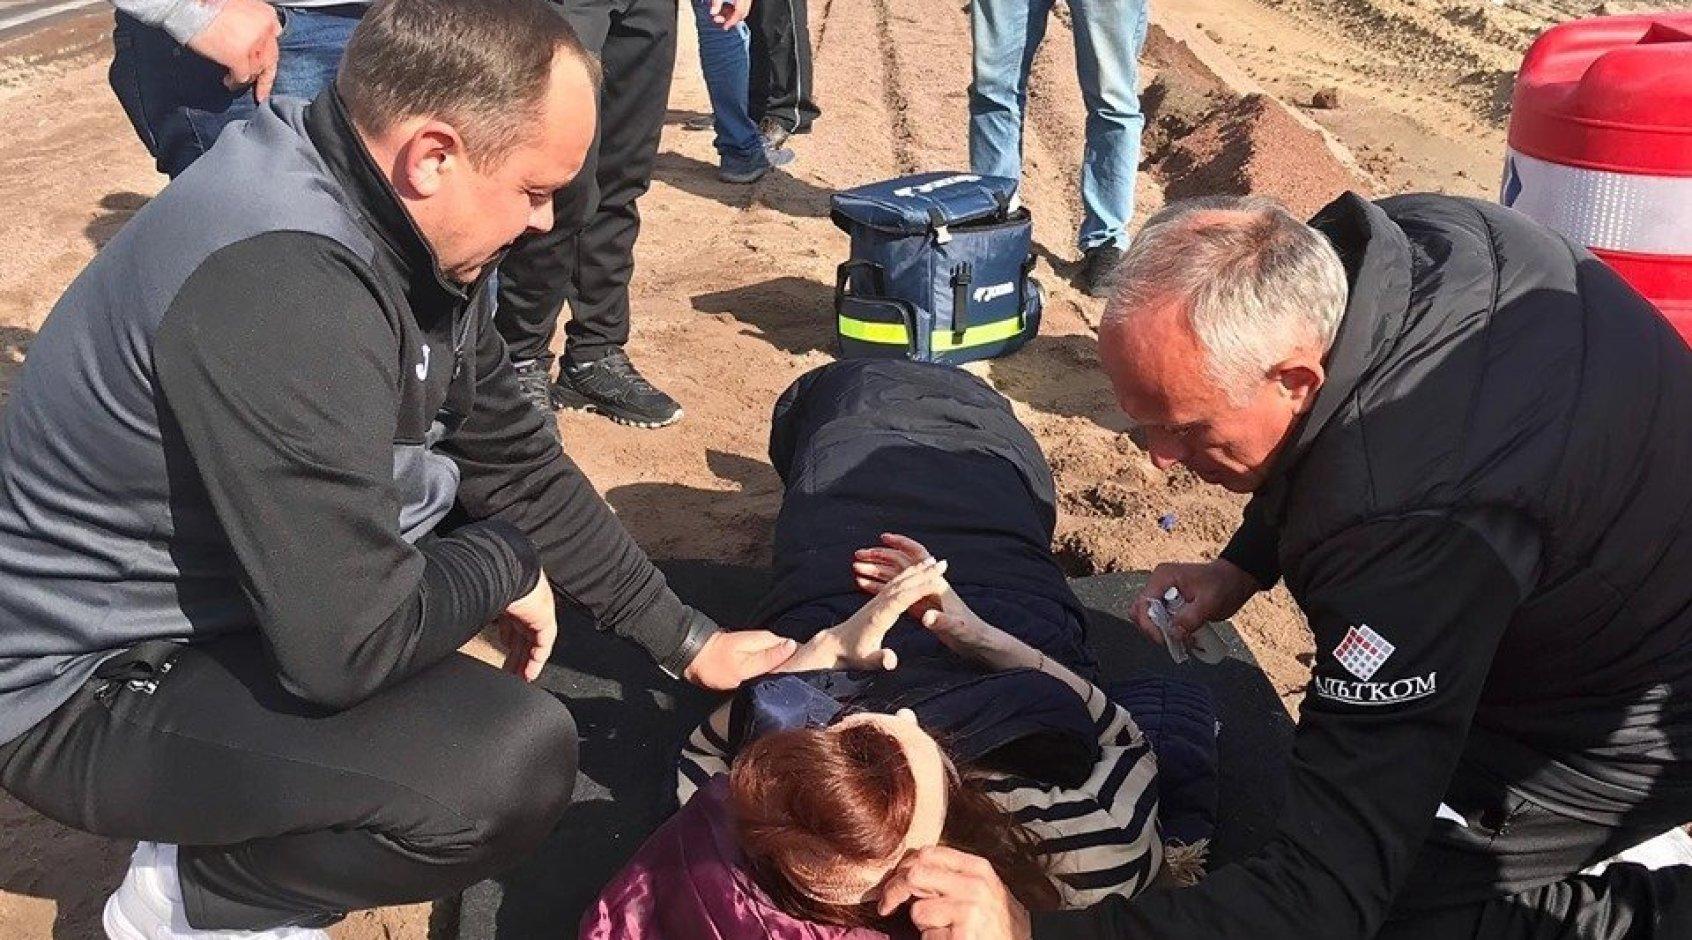 """Игроки и персонал """"Олимпика"""" оказали помощь пострадавшим в ДТП (Фото)"""